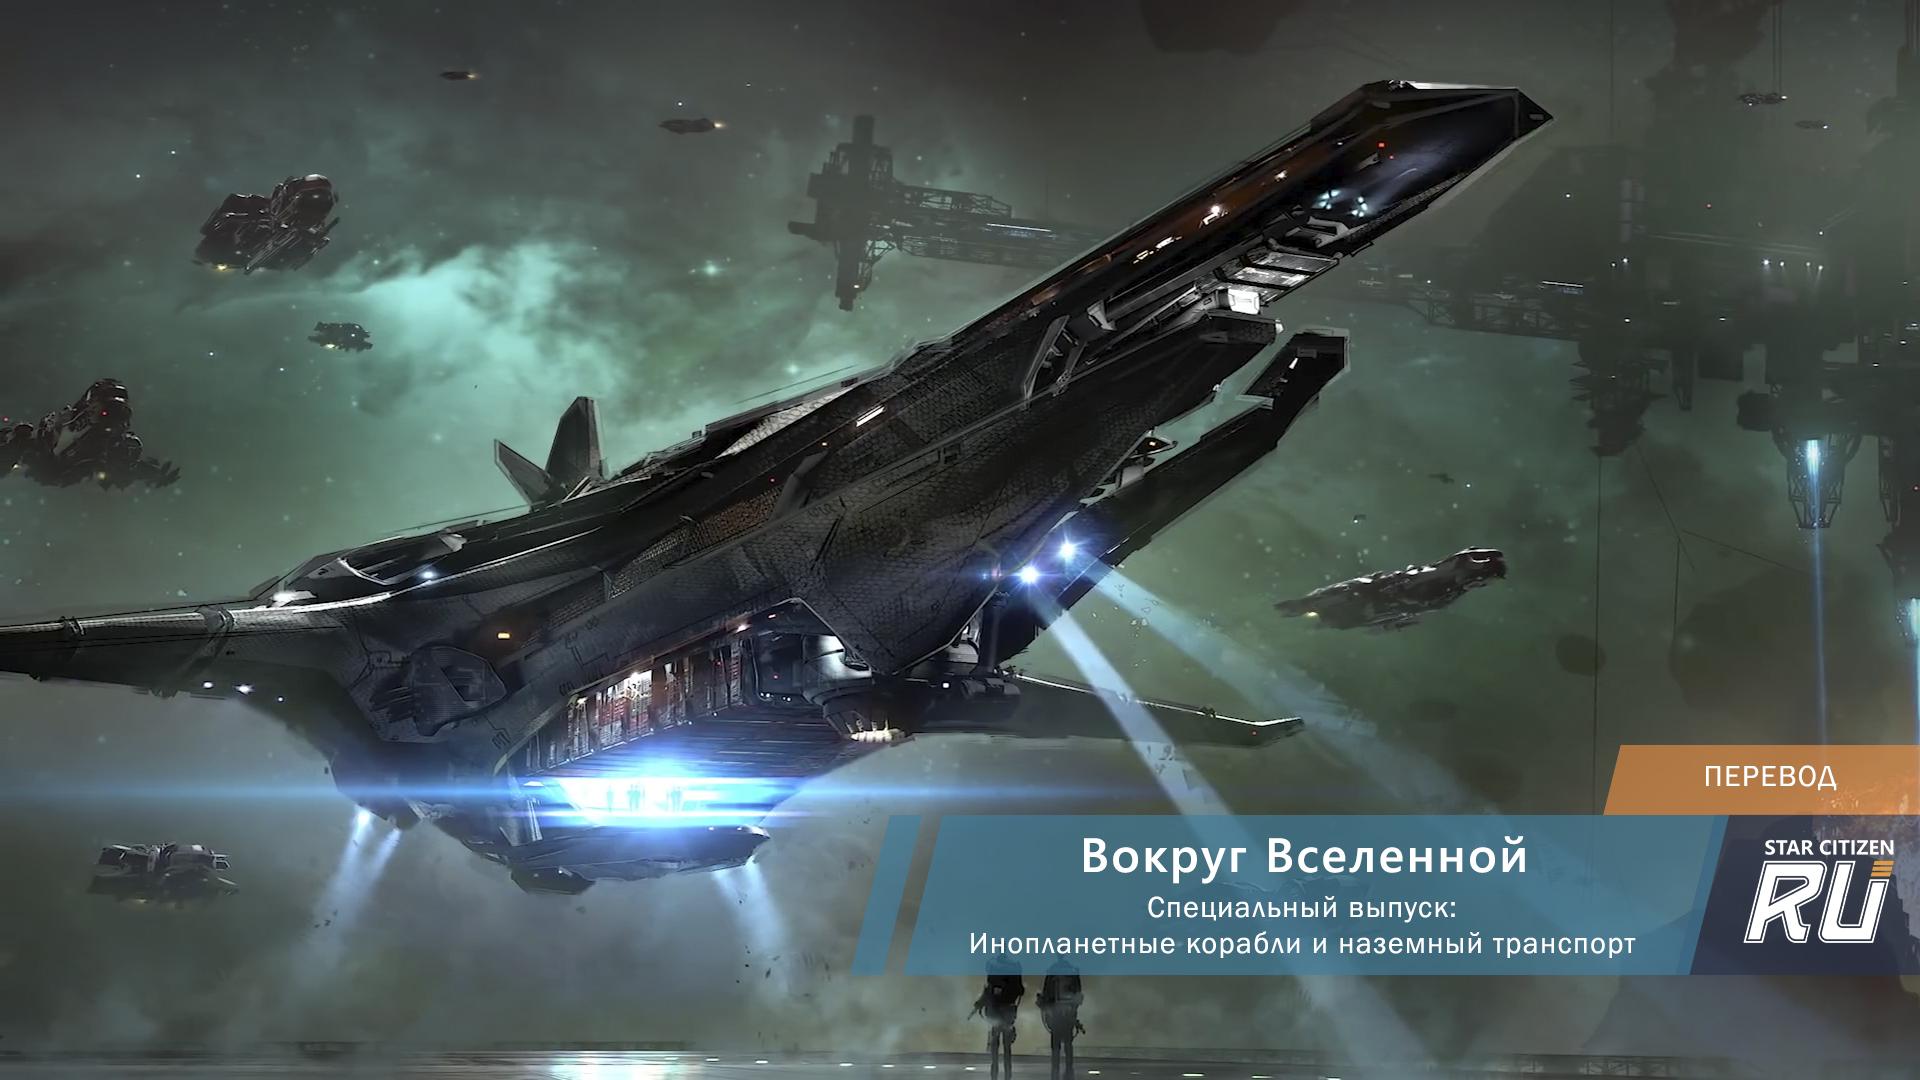 Вокруг Вселенной - специальный выпуск: инопланетные корабли и наземный транспорт